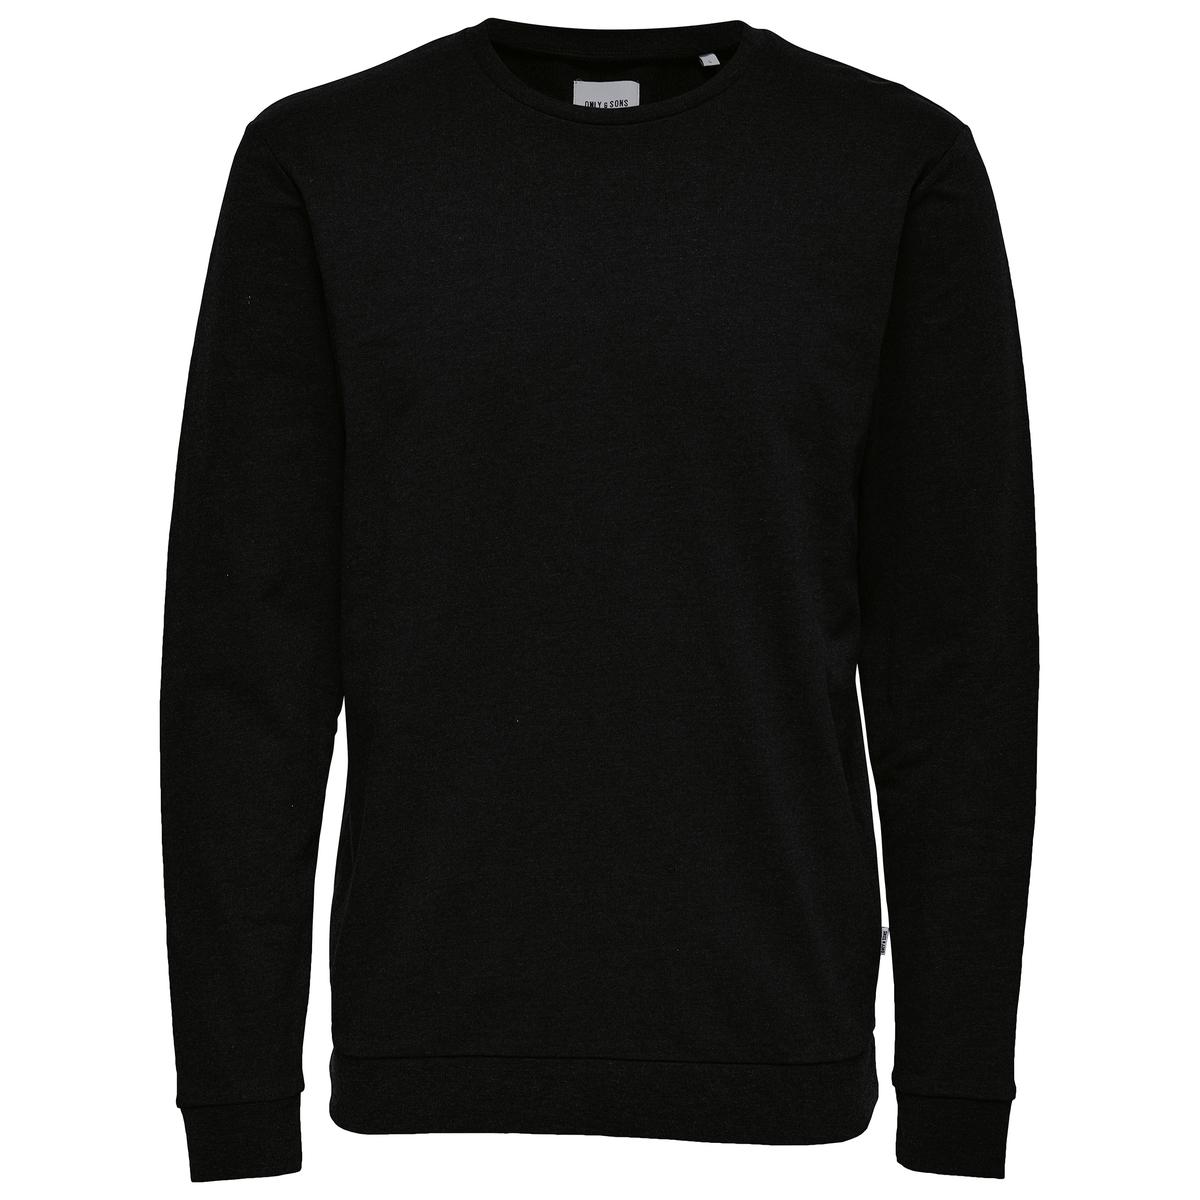 Свитшот с круглым вырезомОписание •  Длинные рукава  •  Без застежки Состав и уход •  100% хлопок  •  Следуйте рекомендациям по уходу, указанным на этикетке изделия<br><br>Цвет: черный<br>Размер: XL.L